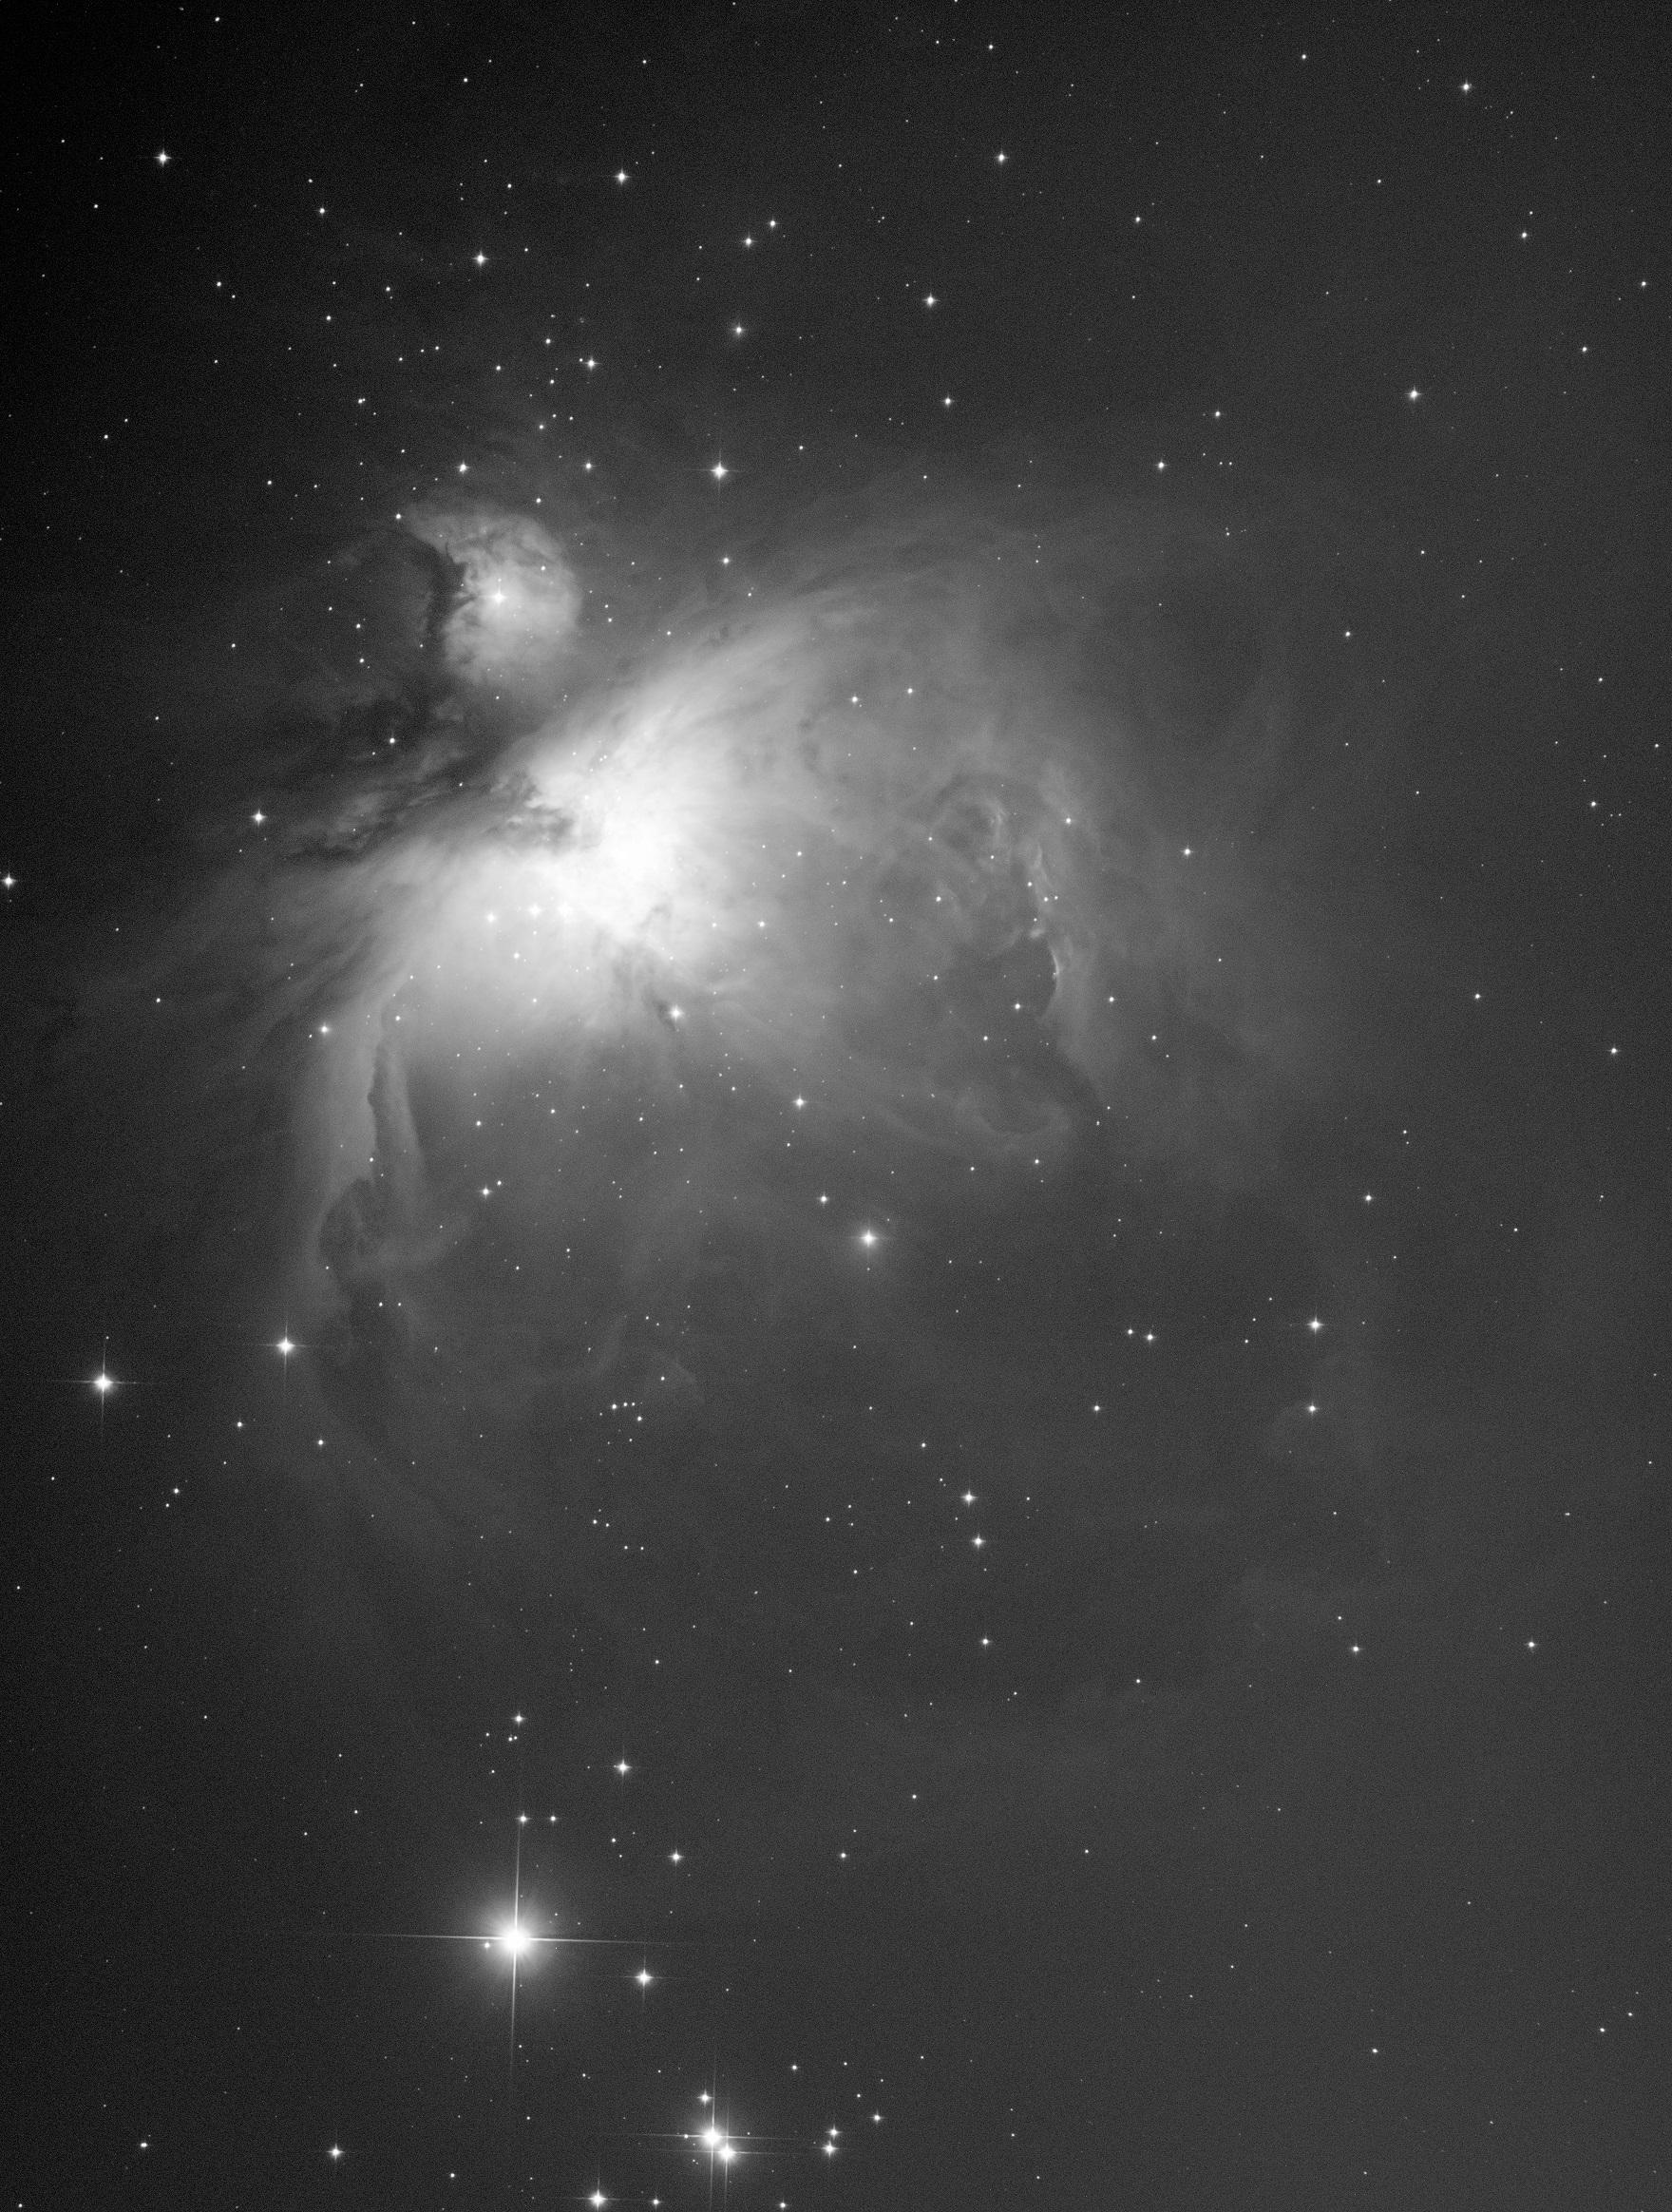 M42_300sec_1x1_L_frame1.jpg